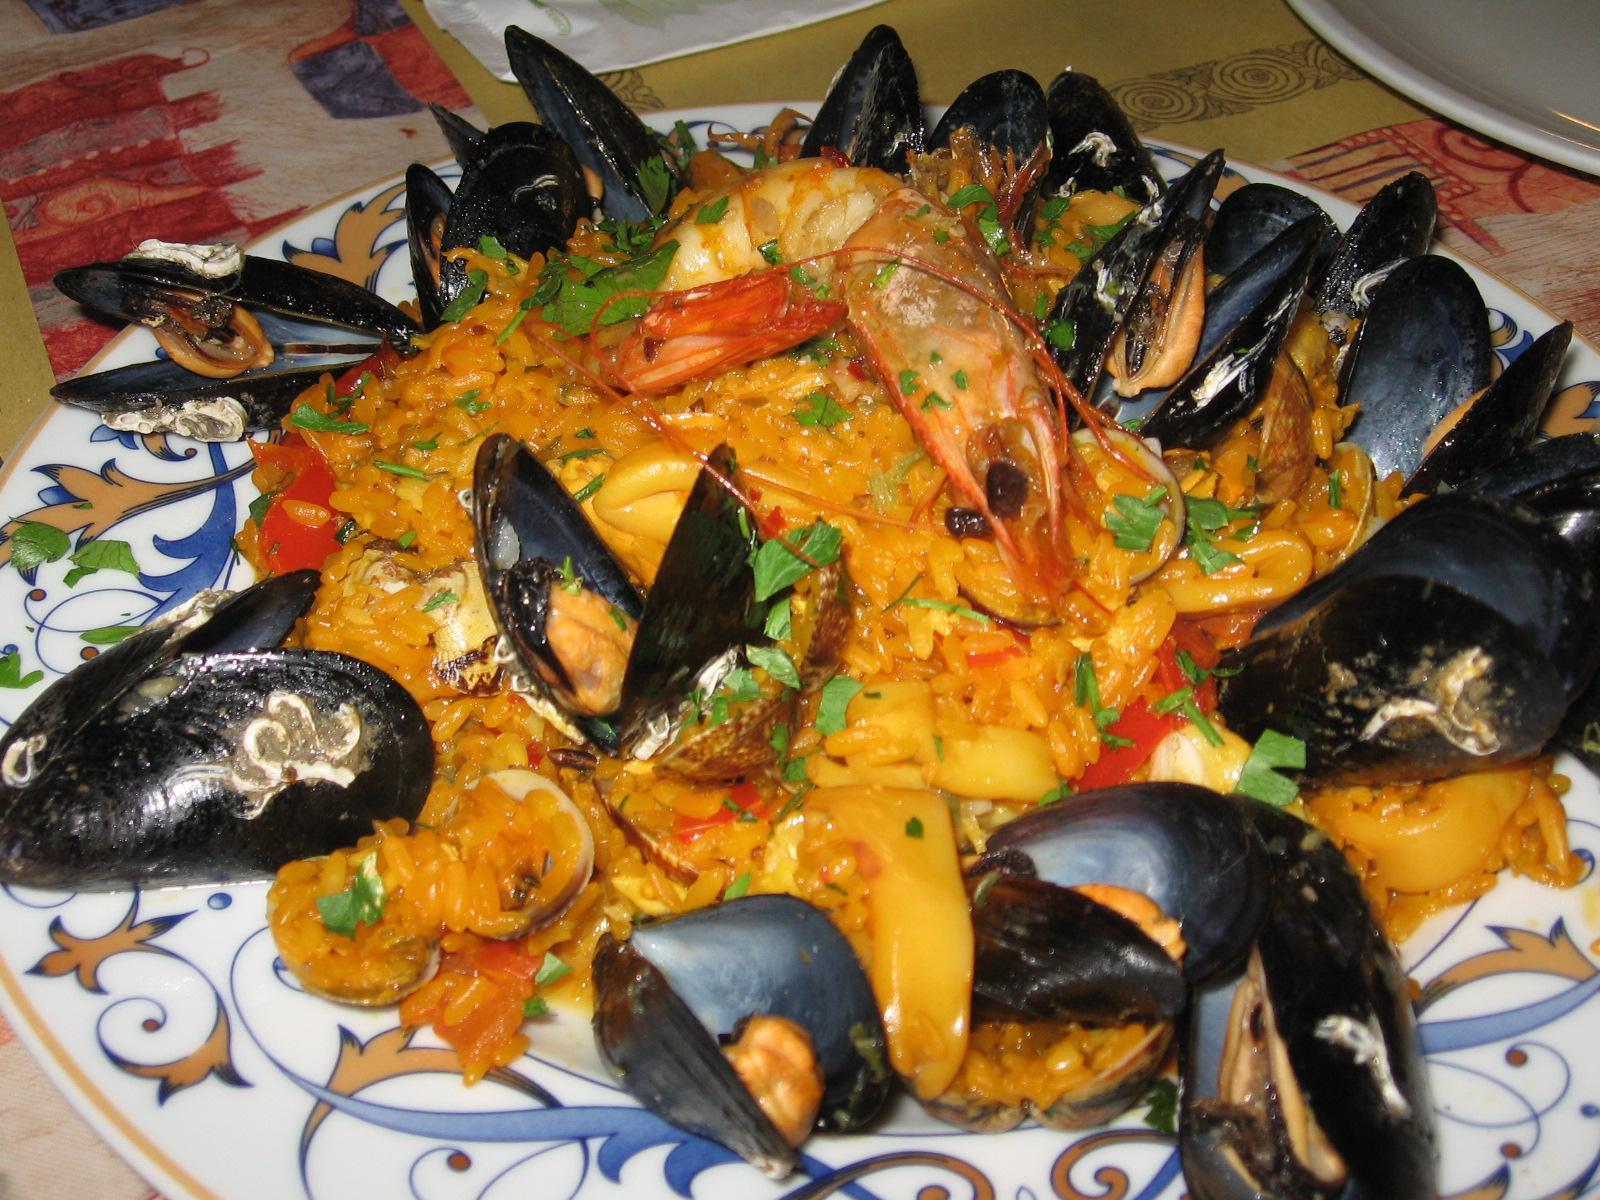 Cucina spagnola i piatti tipici della cucina spagnola a for Piatti tipici della cucina romana